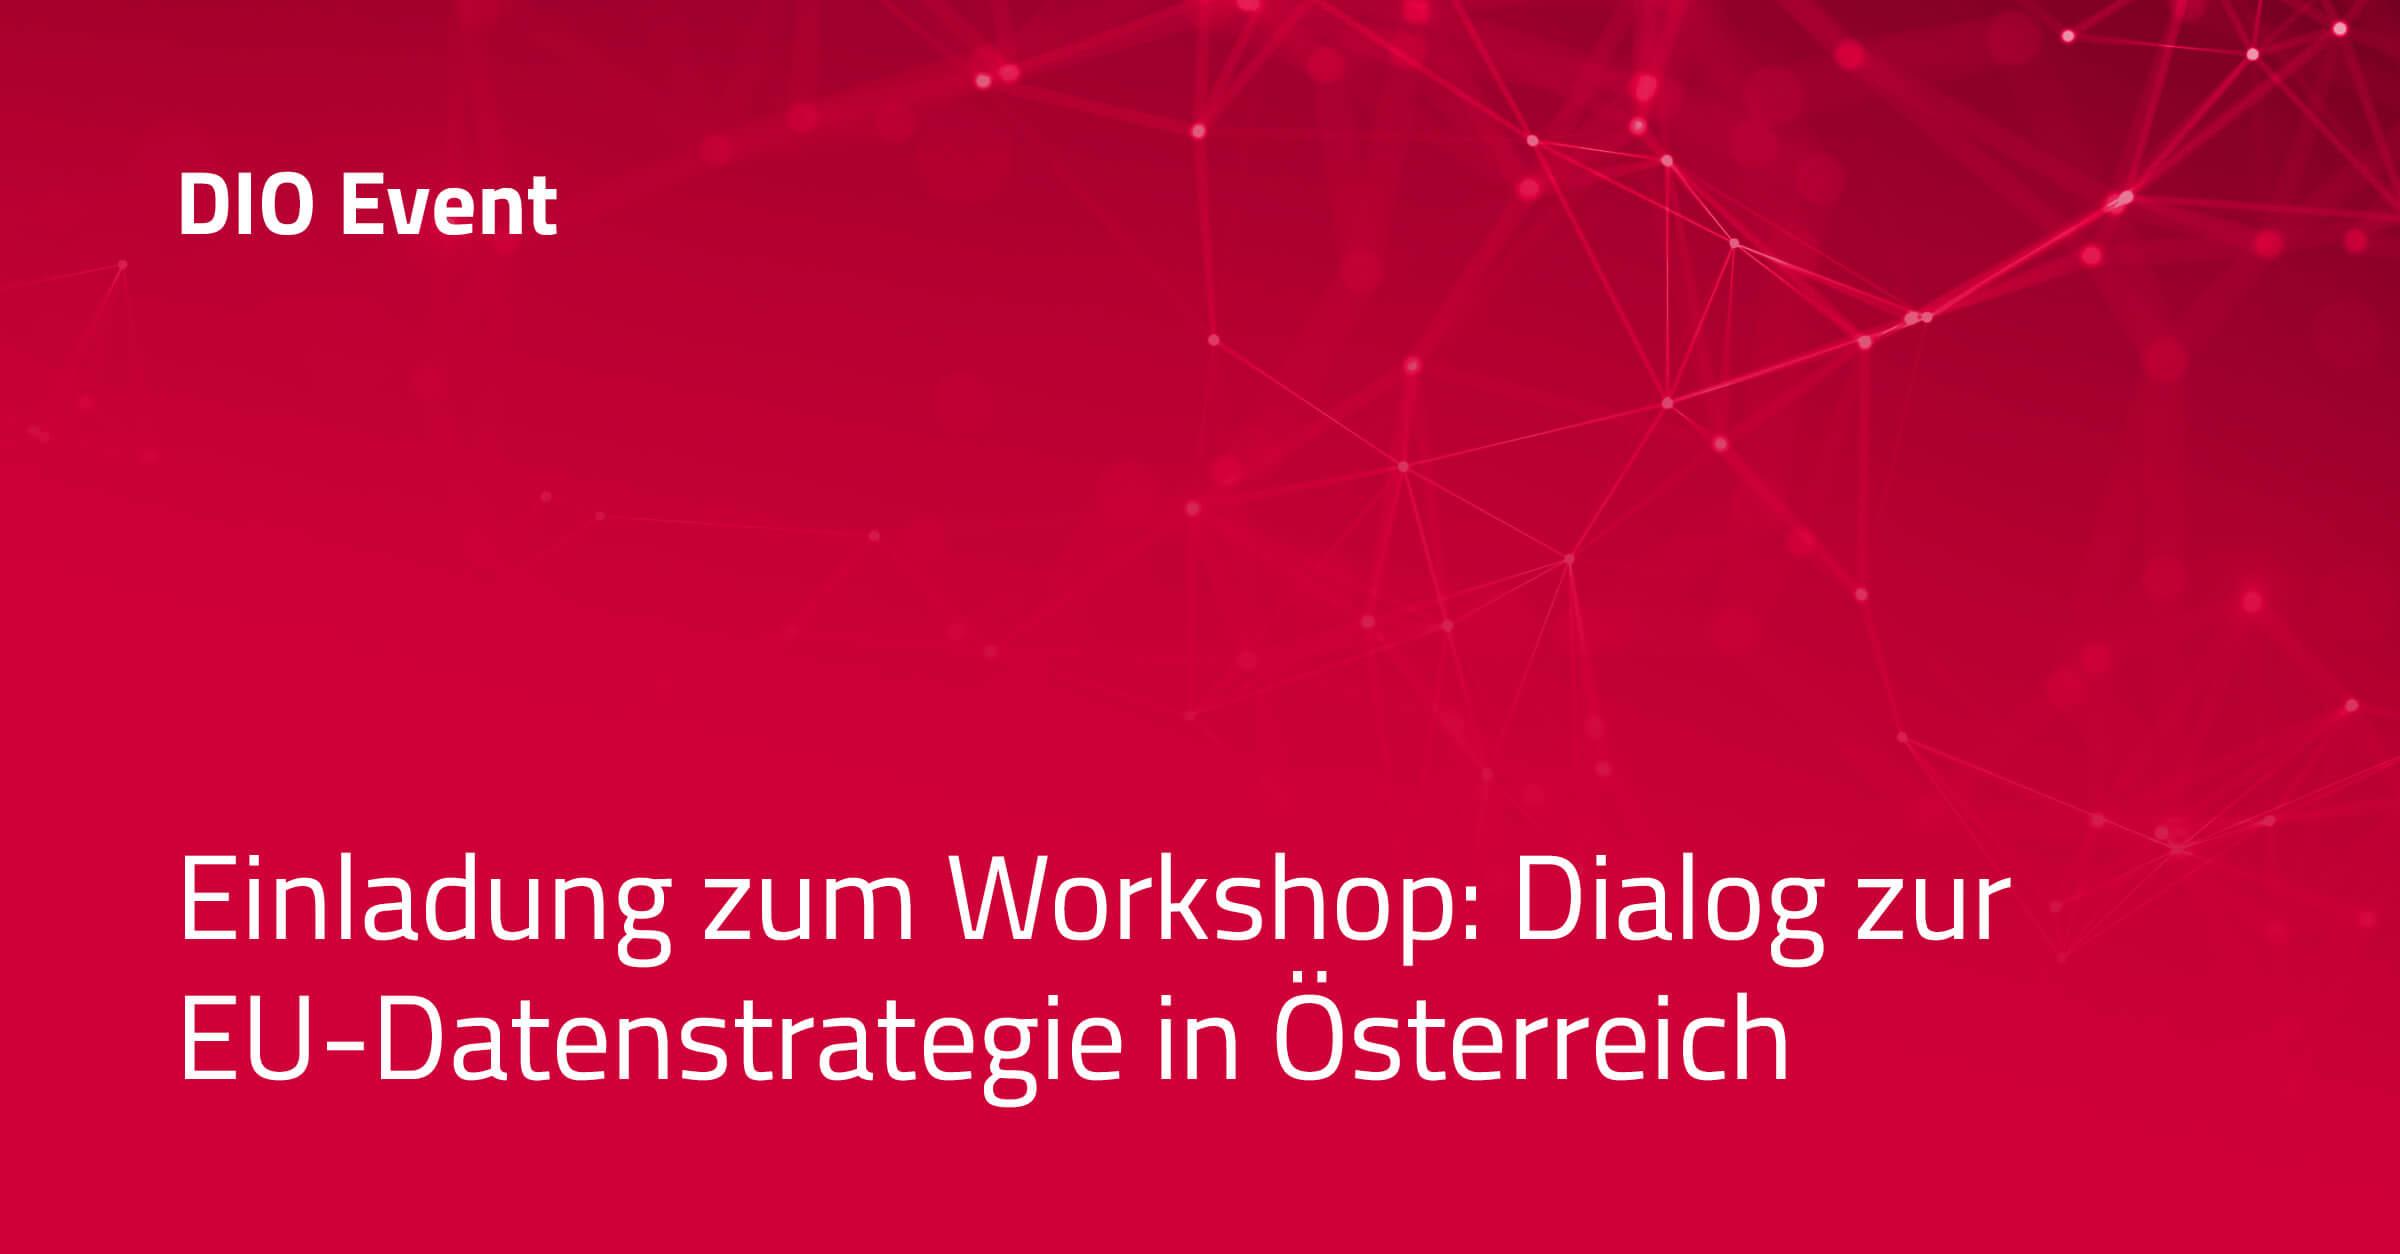 DIO_Event_EinladungWorkshopDialog